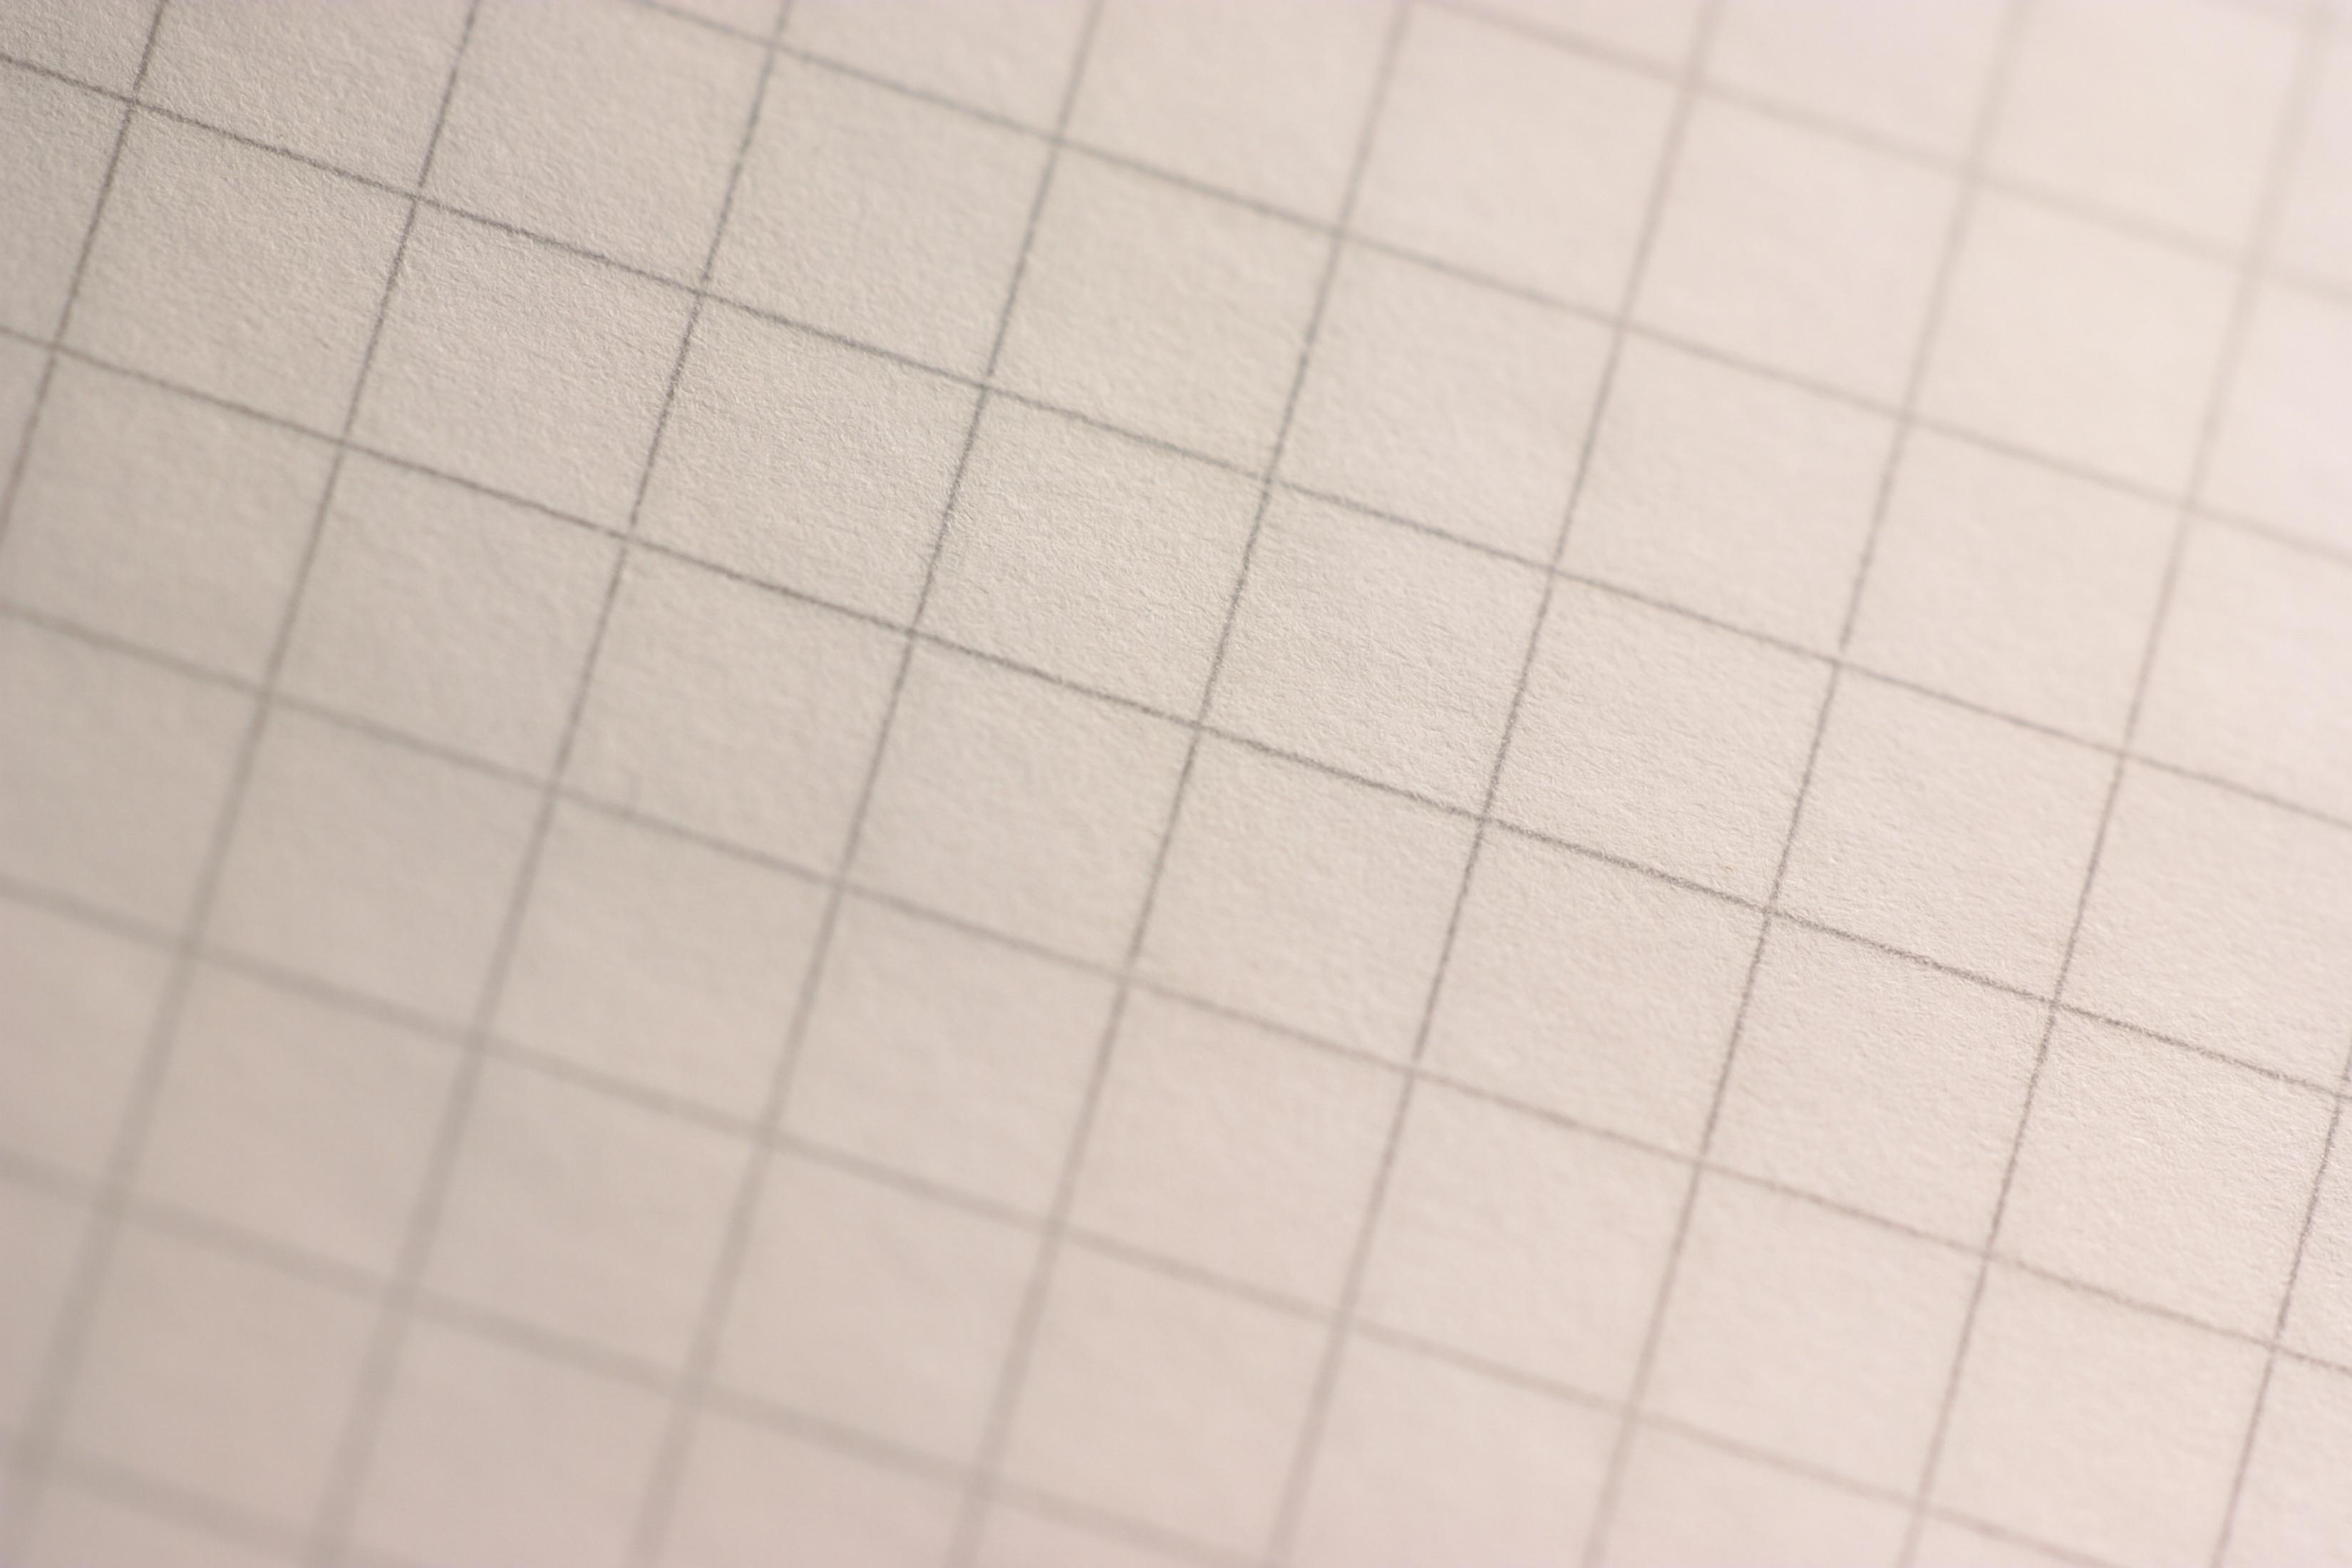 Como Imprimir Papel Milimetrado No Excel